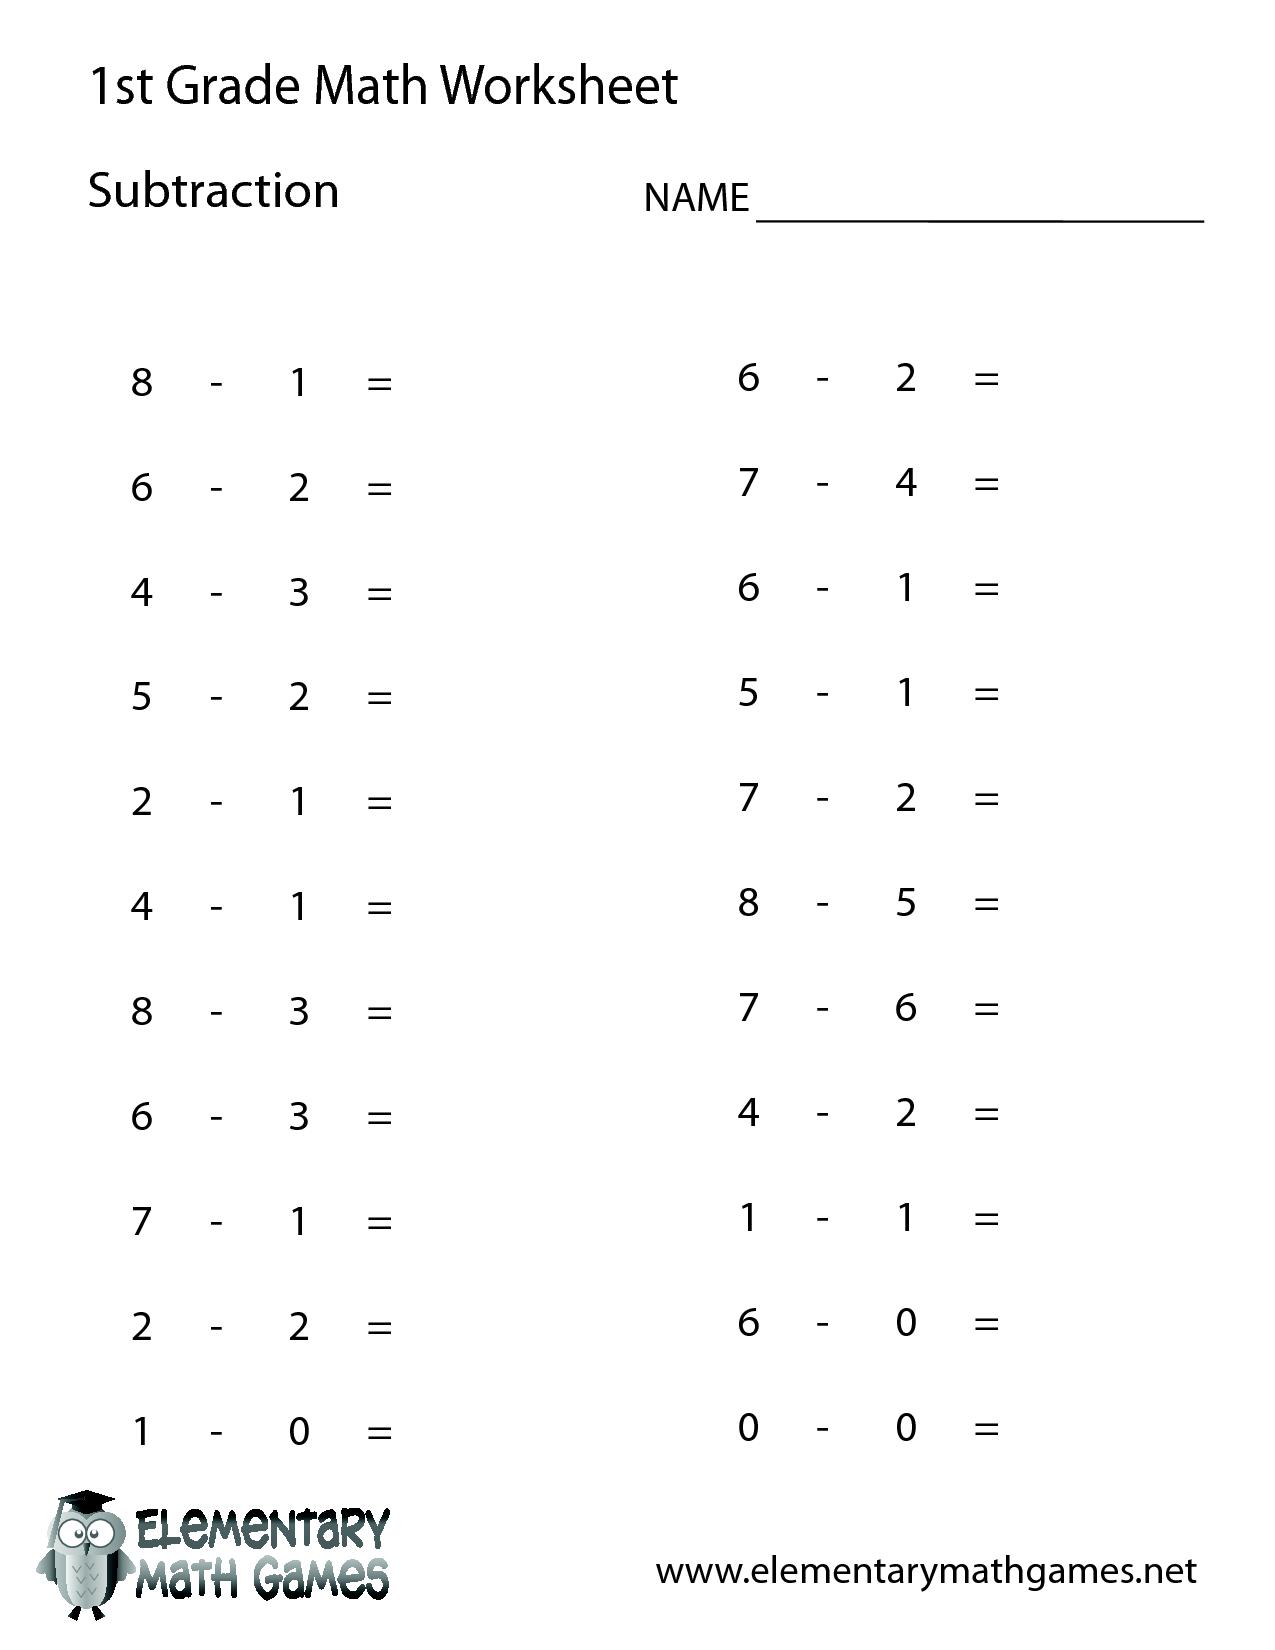 1St Grade Math Worksheets | 1St Grade Math | First Grade Math - Free Printable Addition Worksheets For 1St Grade